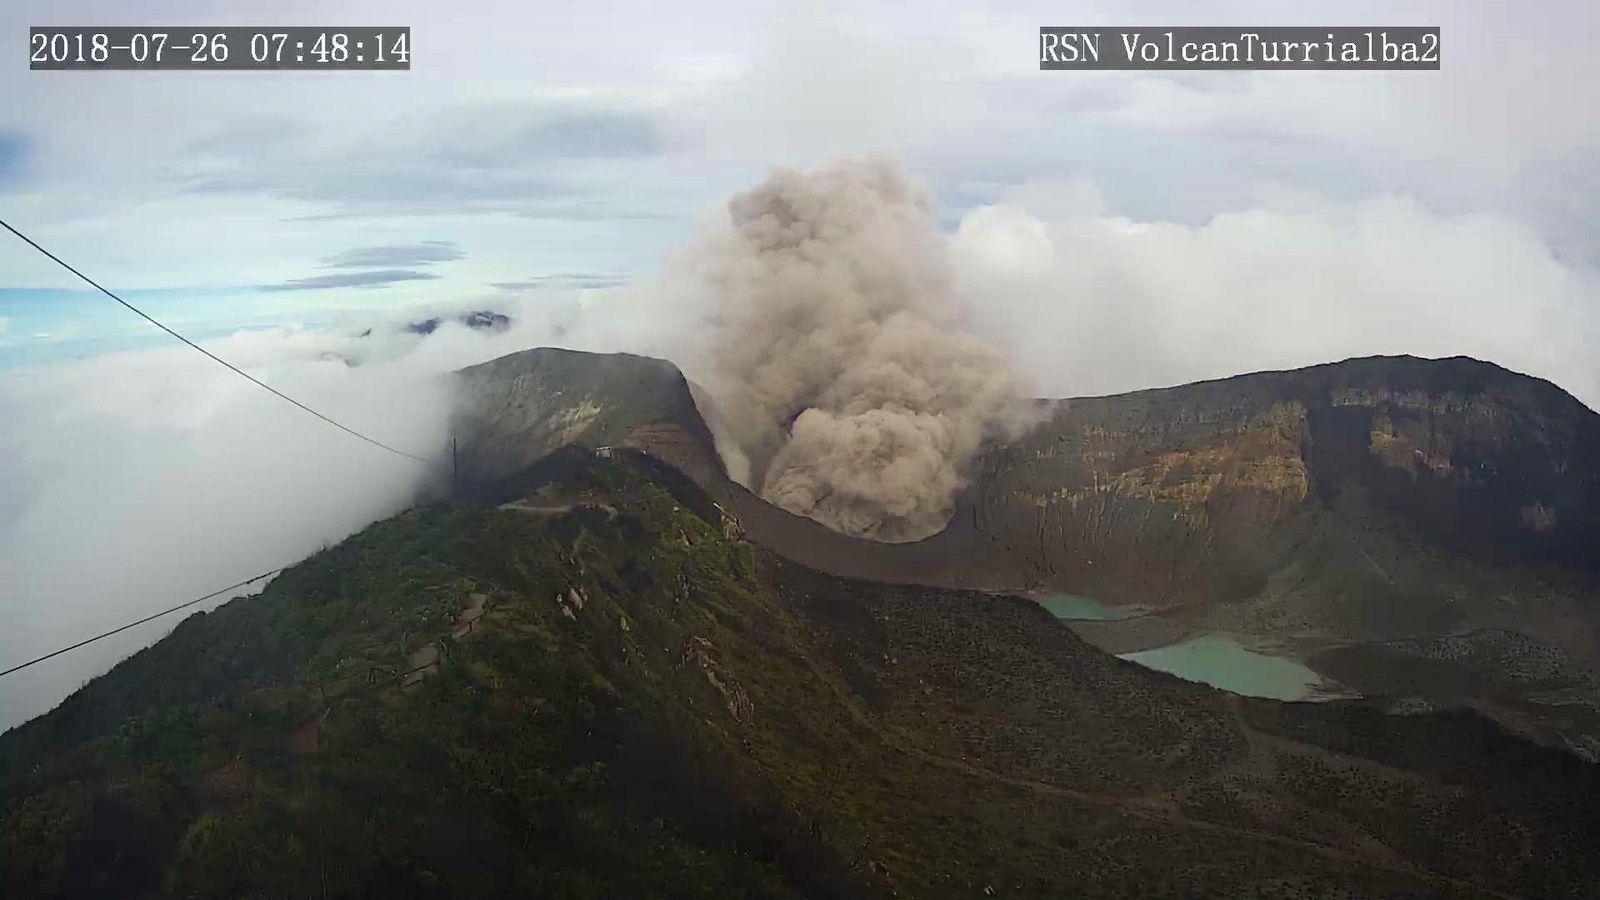 Turrialba - 26.07.2018 - vue générale : Geoffroy Avard / Ovsicori - vue sur le cratère : webcam RSN